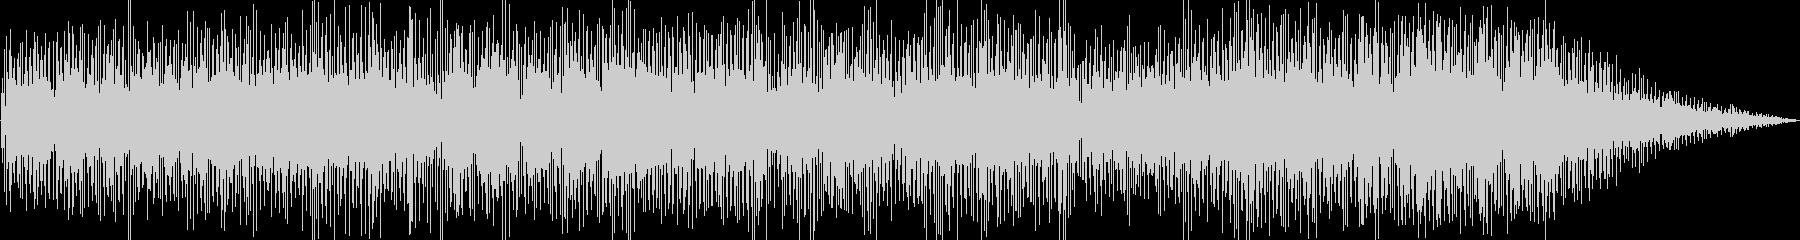 ソプラノサックスのメロディが可愛いボサの未再生の波形